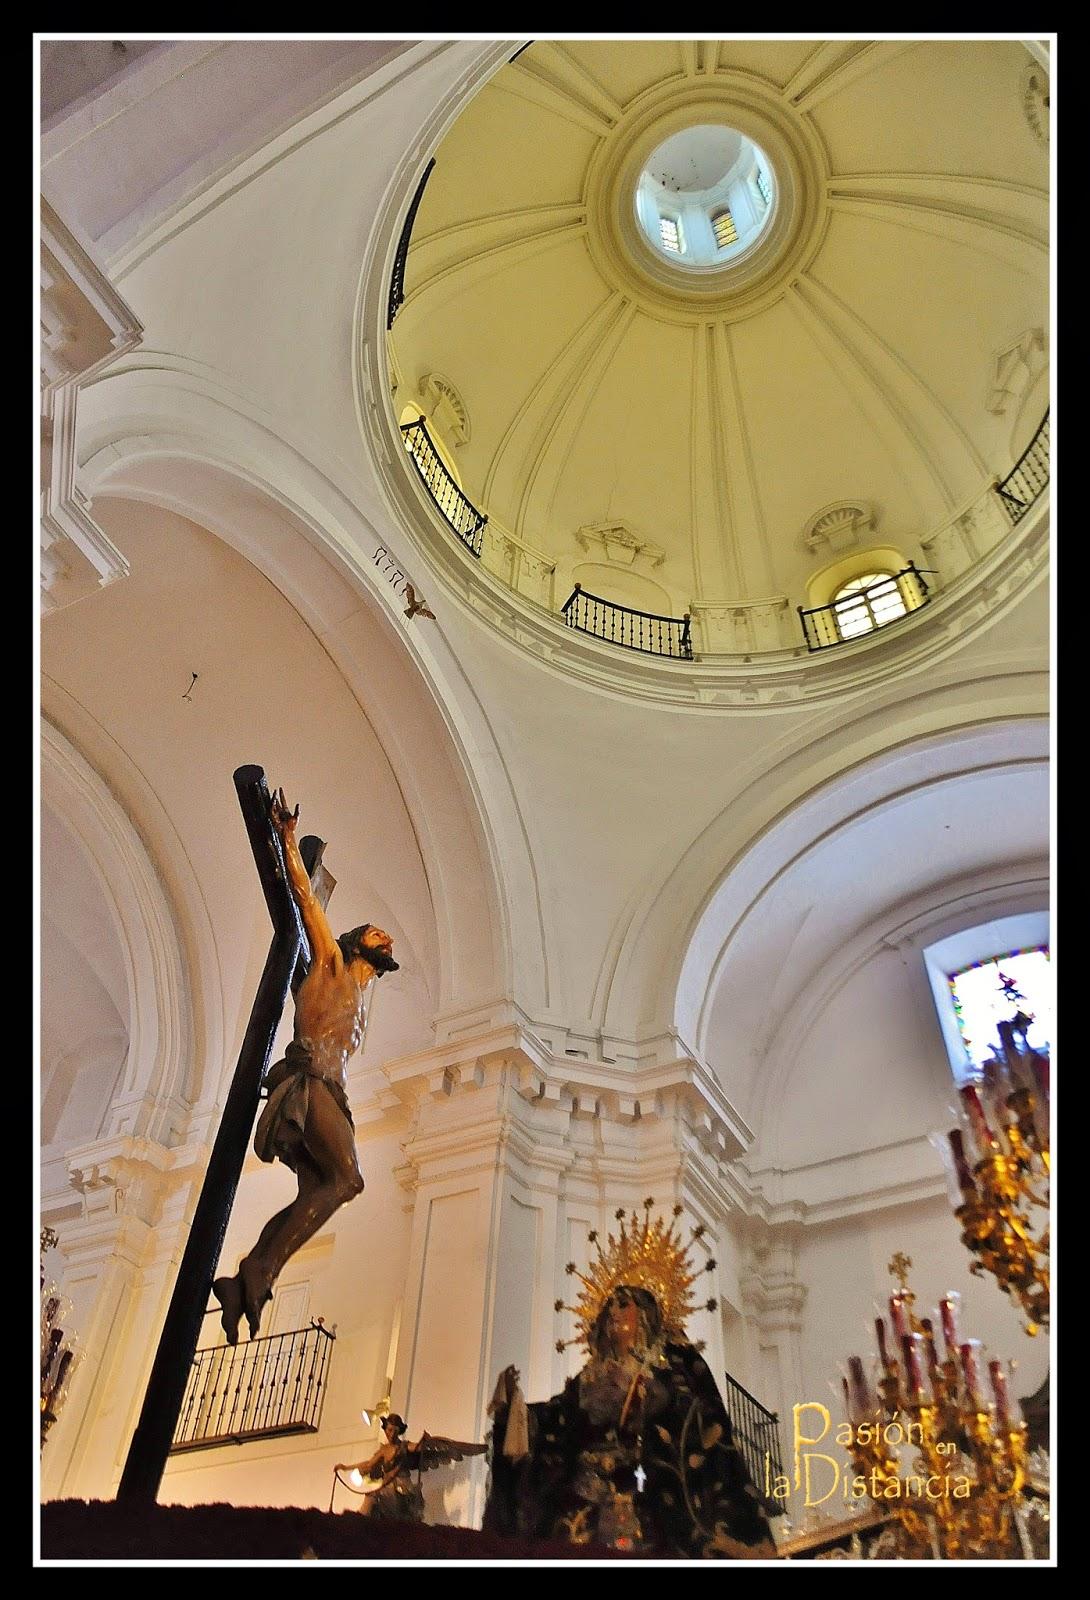 Hermandad de Santa Cruz 2014 Sevilla Pasion en la Distancia